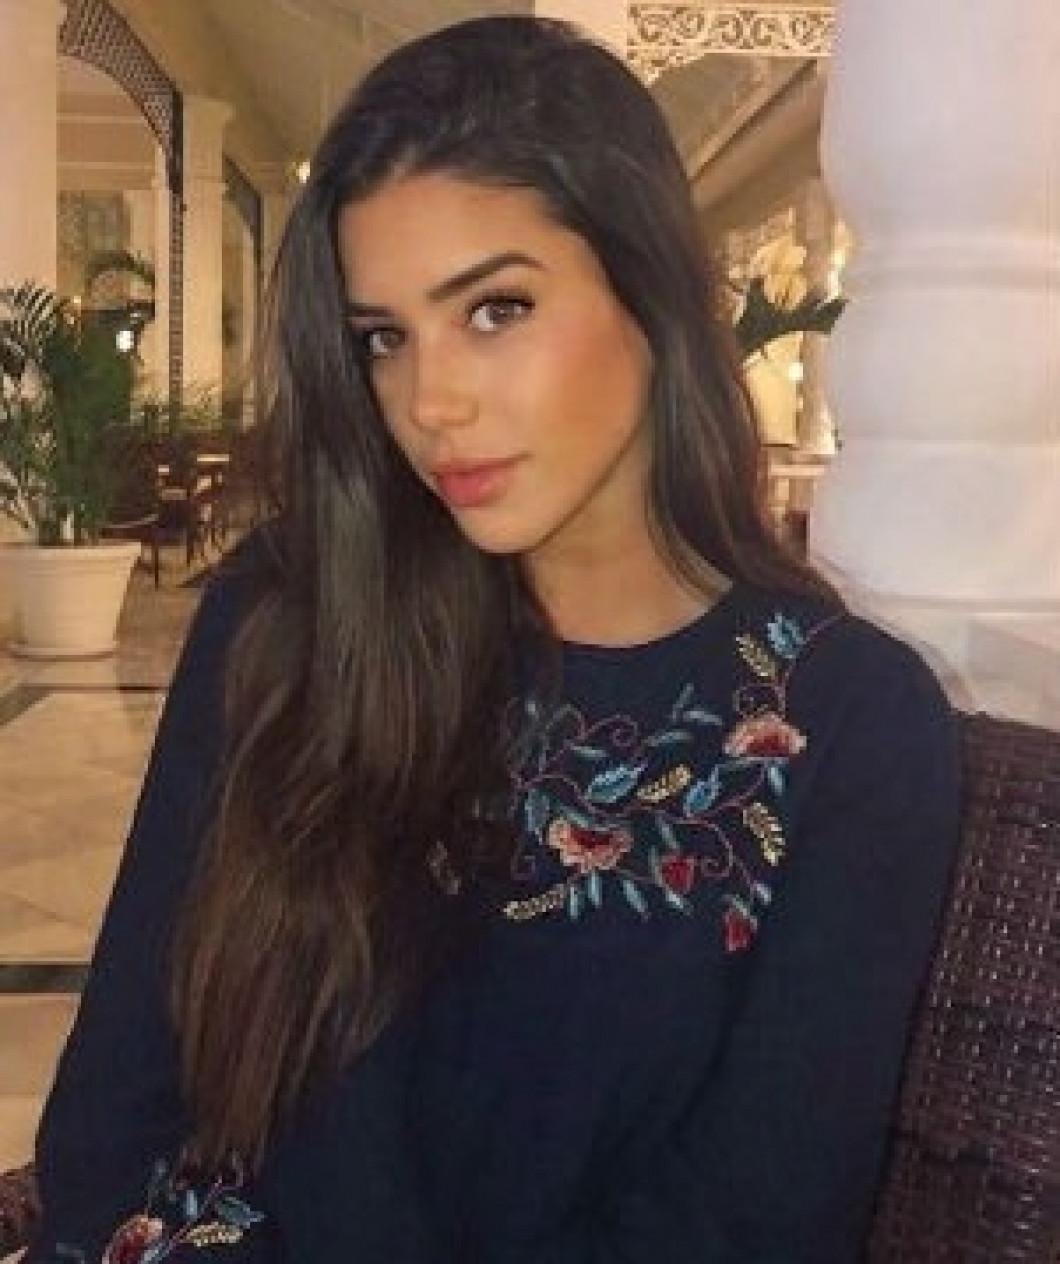 Nadia Aviles